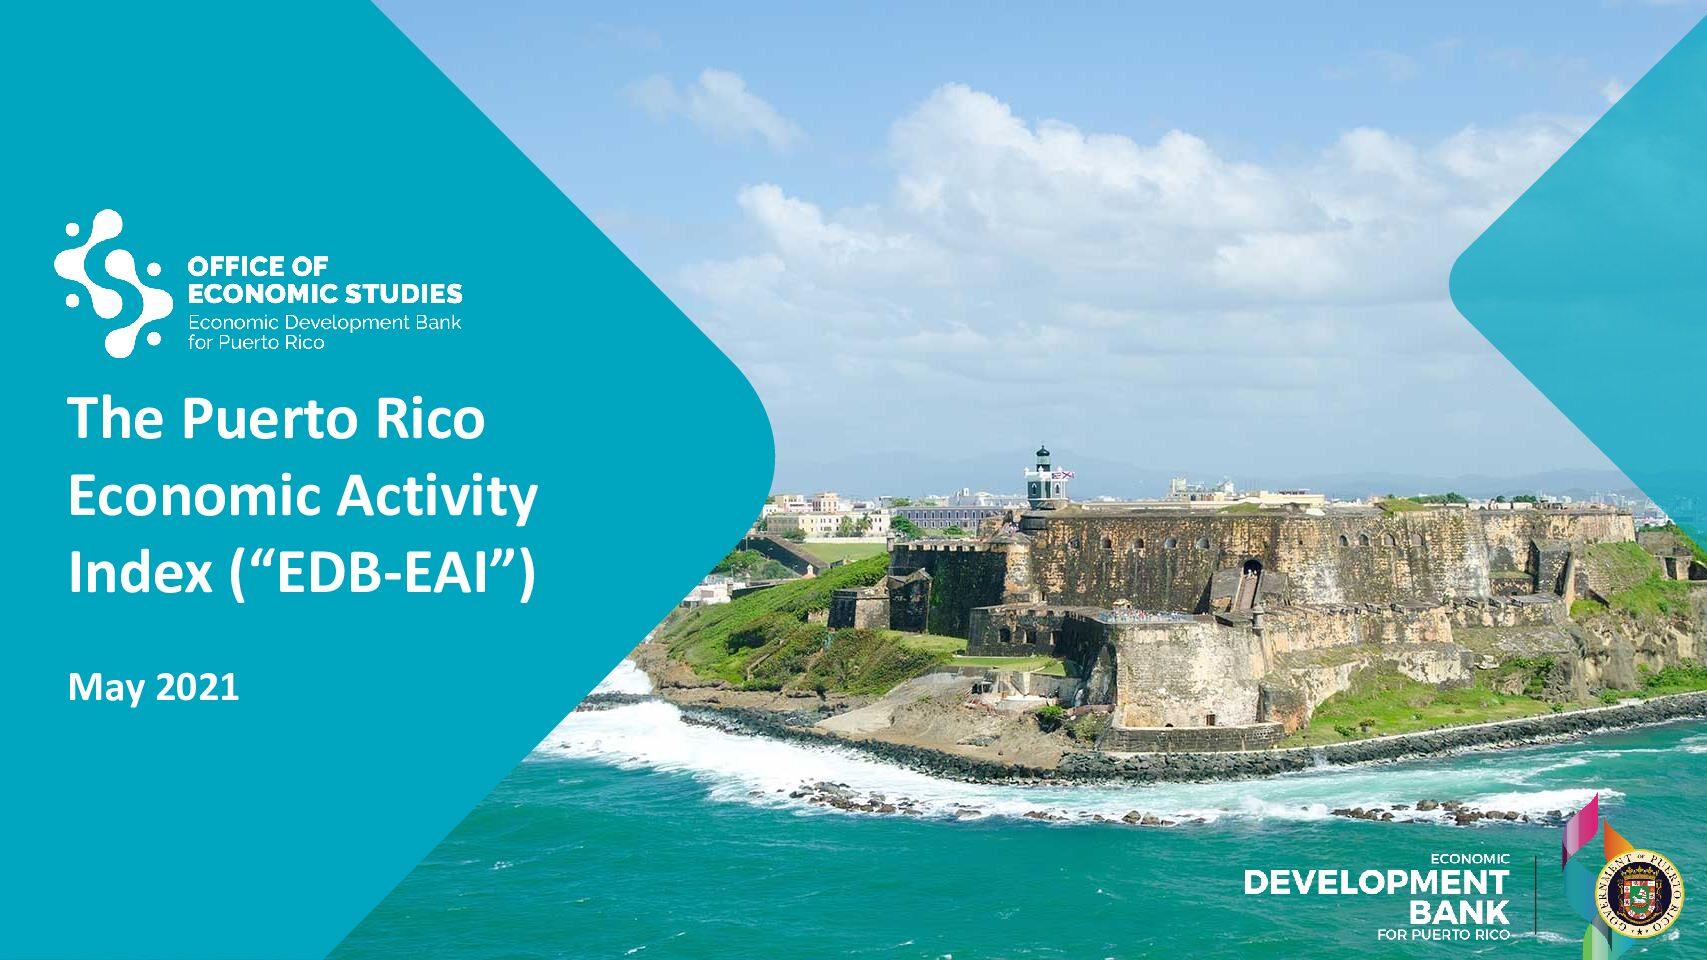 BDE publica el Índice de Actividad Económica para mayo de 2021 con un aumento interanual